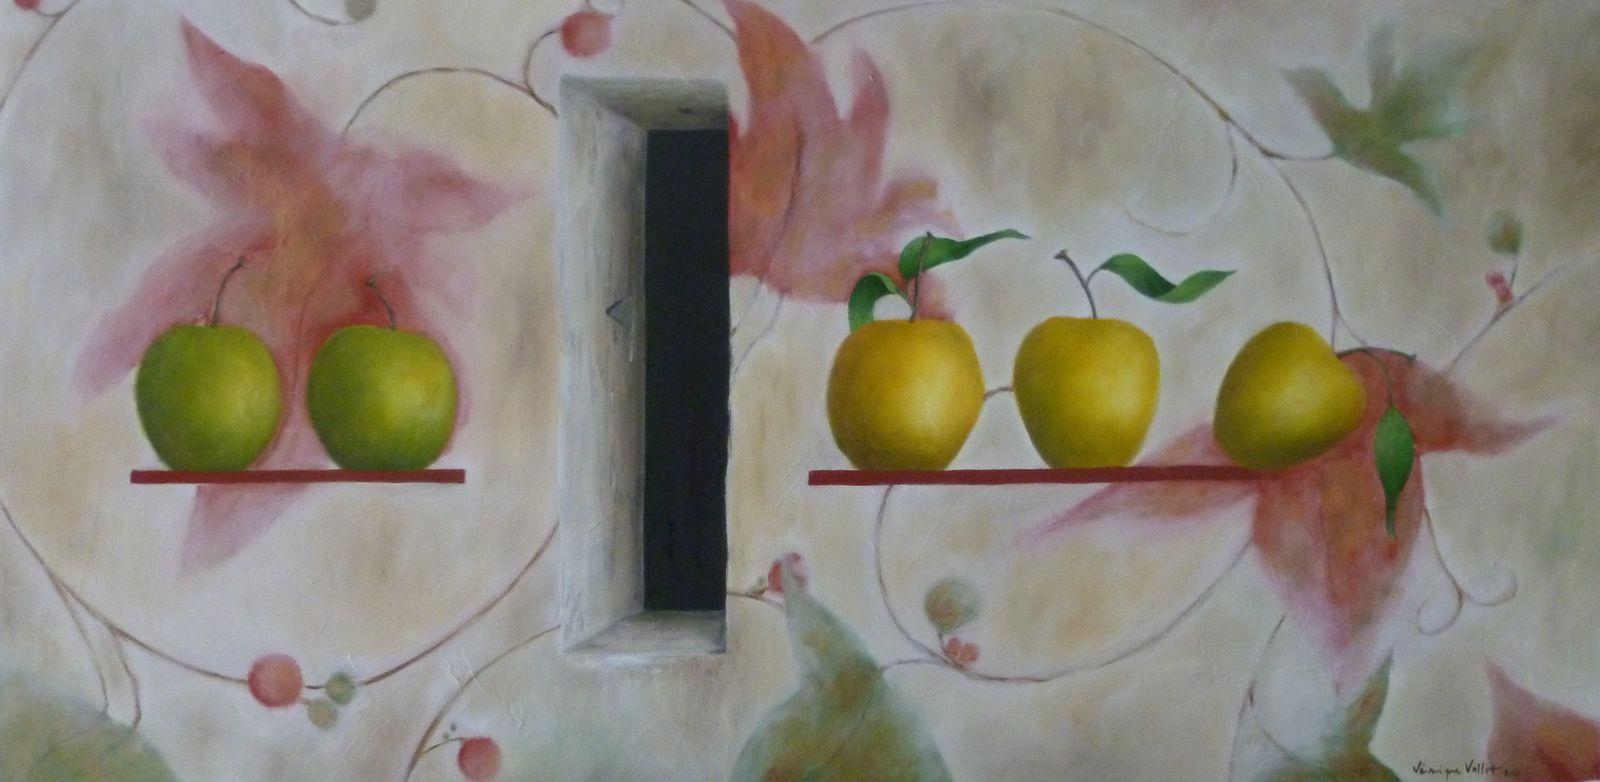 """1- """"Pommes en Suspens, fond Bleu"""" - 2-""""pommes en Suspens, fond Rouge""""- 3-""""Pommes en Suspens, fond Jaune""""- 4-""""Pommes en Suspens, fond Blanc tondo""""- 5-""""Pommes en Suspens, fond Blanc""""- 6-""""Pommes en Suspens, 3 pommes, mosaïques, fontaine""""- 7-""""Pommes en Suspens, Grandes Arabesques 2""""- 8-""""Pommes en Suspens, Grandes Arabesques 1""""- 9- """"Pommes en Suspens, la Désinvolture"""" - 10-""""Pommes en Suspens, Grandes Arabesques 4"""" - 11-""""Pommes en Suspens, Bleu"""" - 12-""""Pommes en Suspens, la Pause"""""""